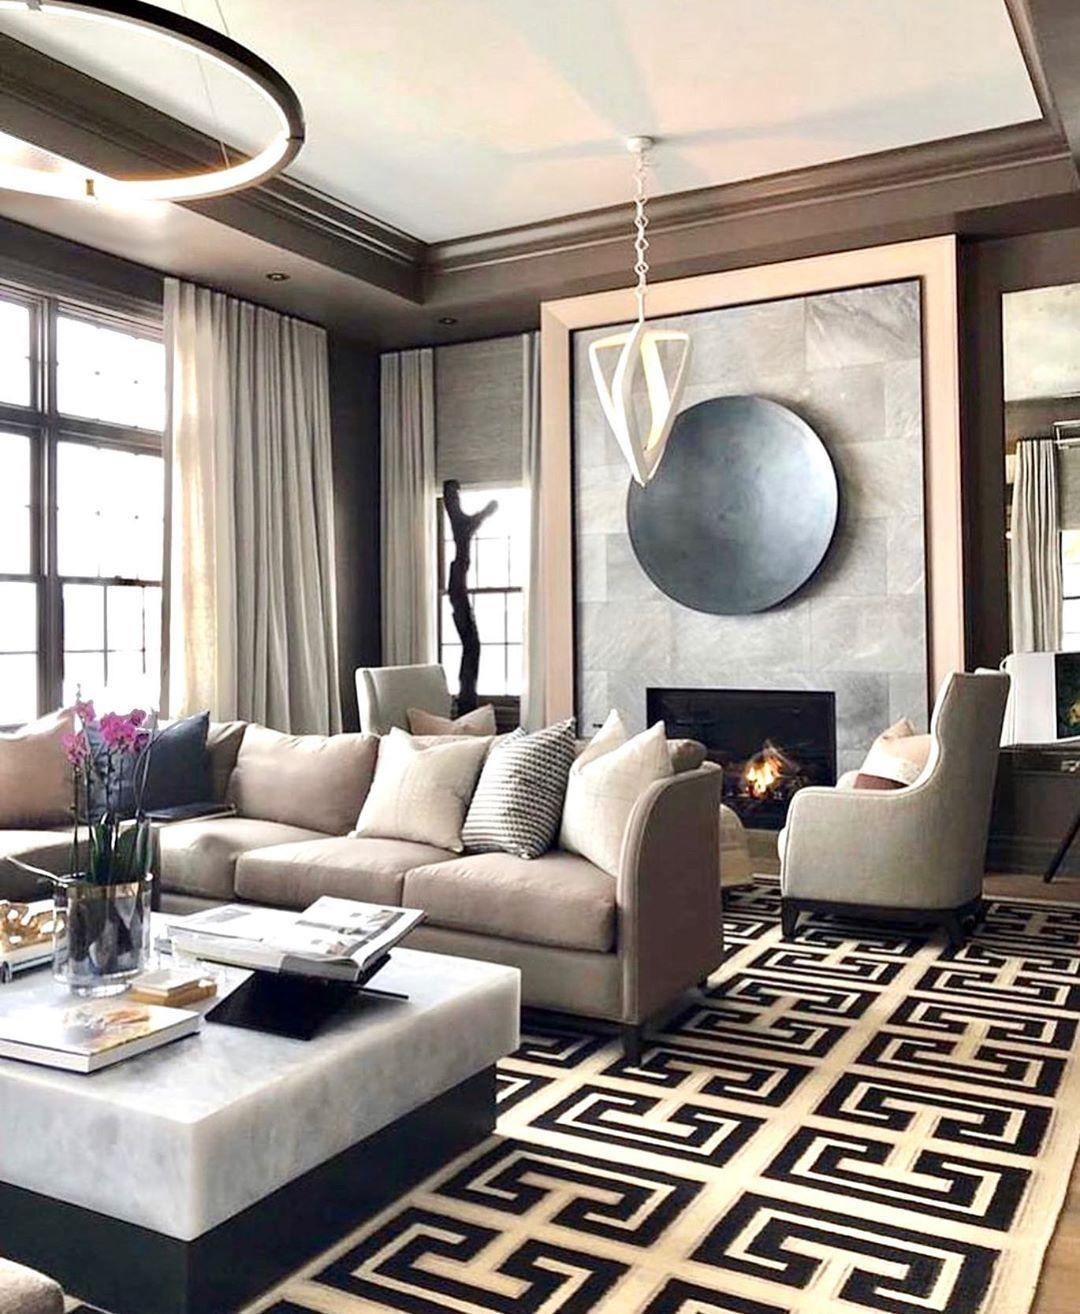 Pin On Formal Reception #rana #furniture #living #room